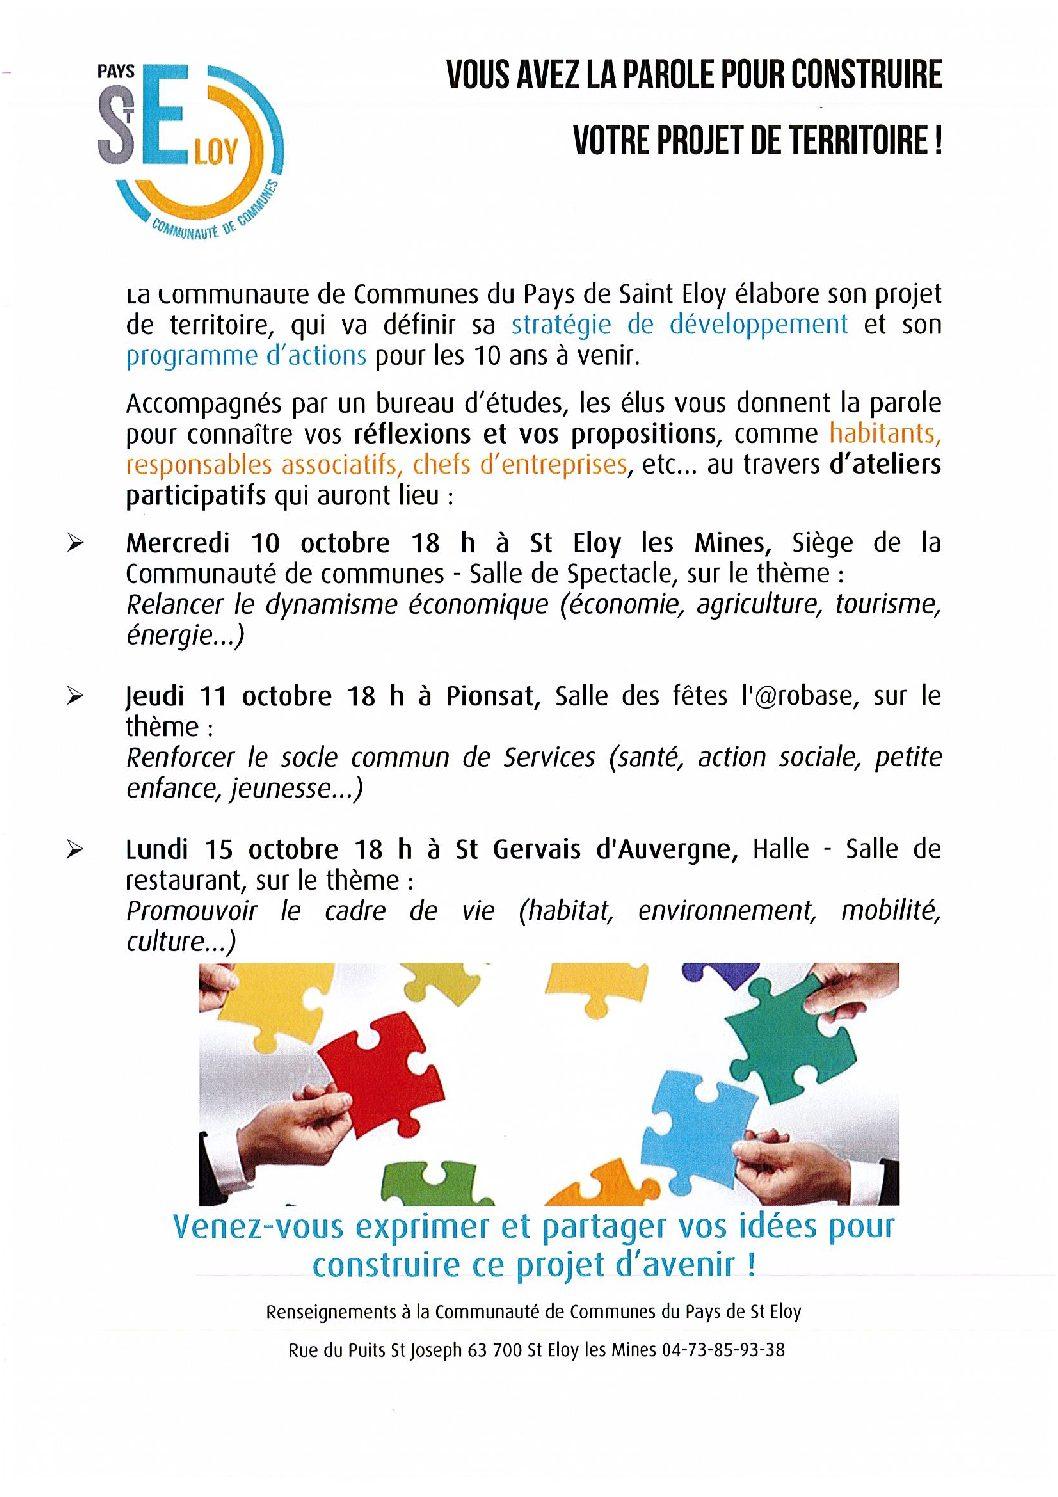 Ateliers participatifs de la Communauté de communes : stratégie de développement et programme d'actions